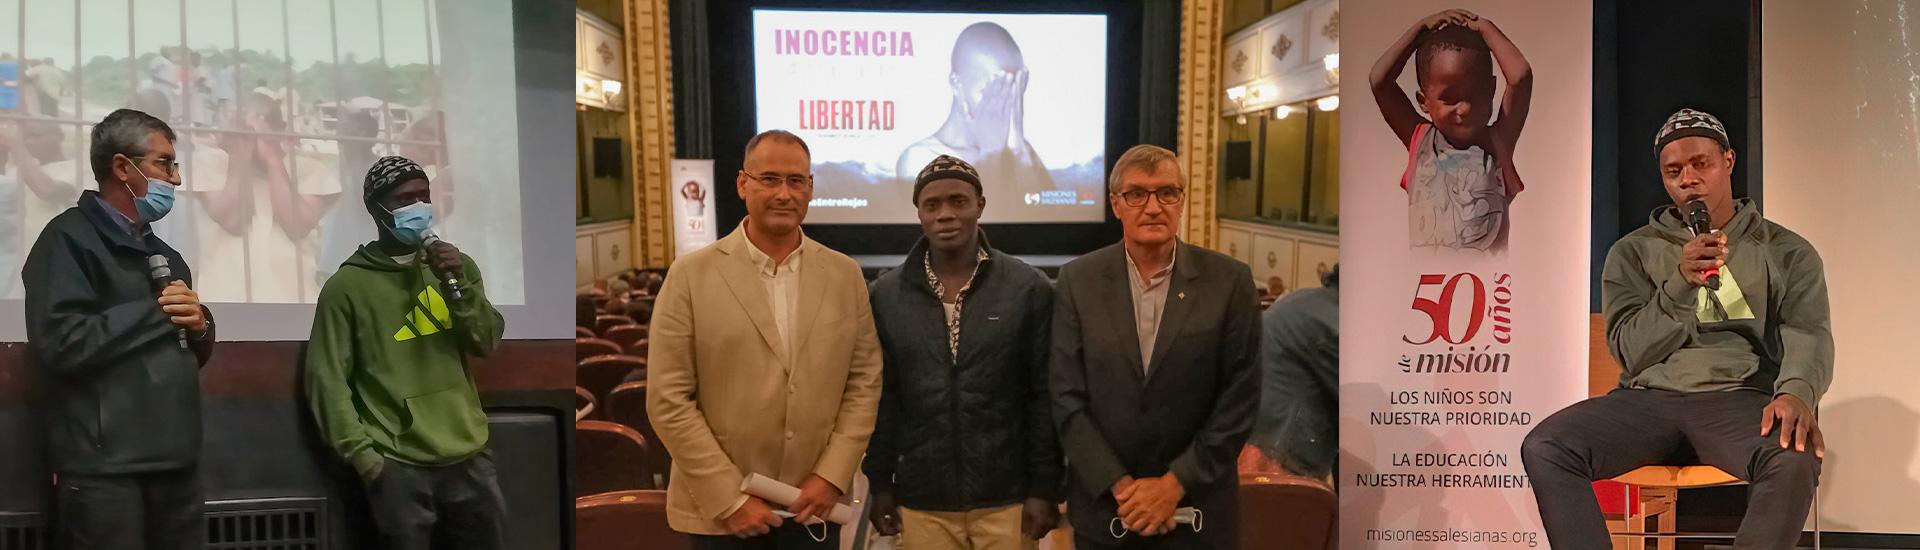 'Libertad', el documental sobre los menores en prisiones de adultos que traspasa fronteras